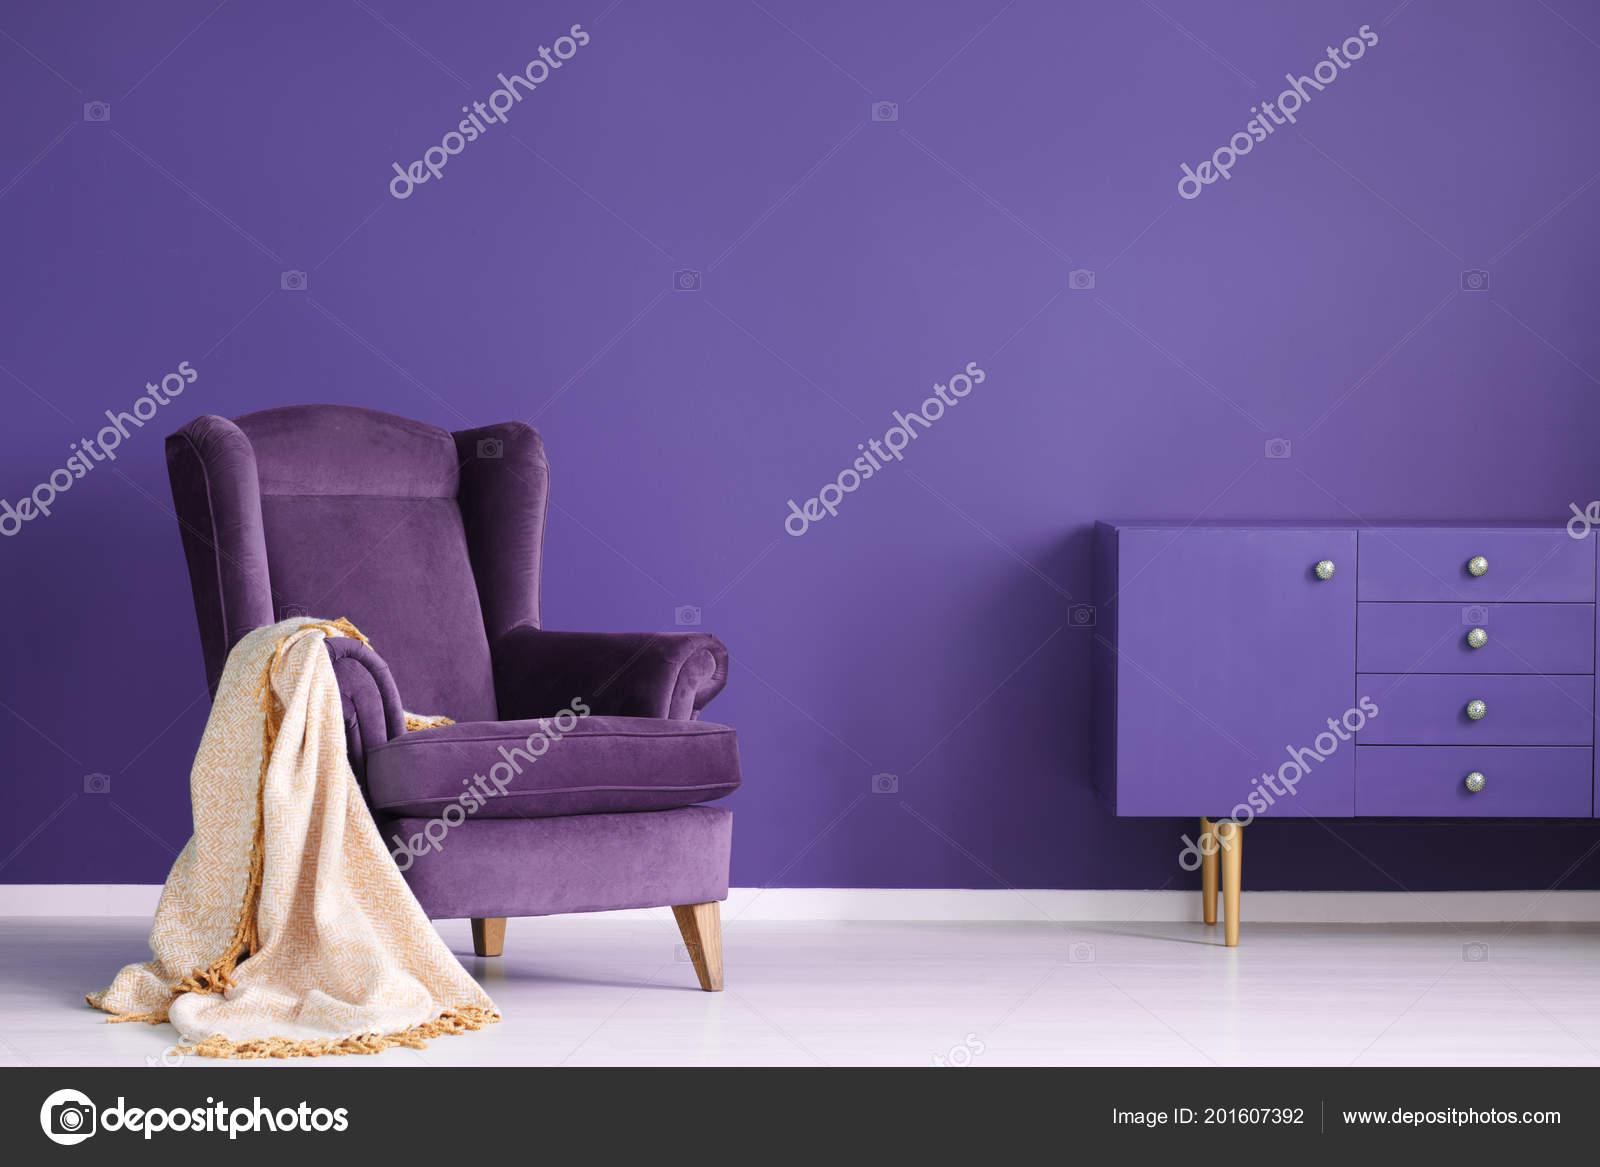 Pareti Viola E Lilla : Poltrona vintage coperta beige gabinetto impostato una parete